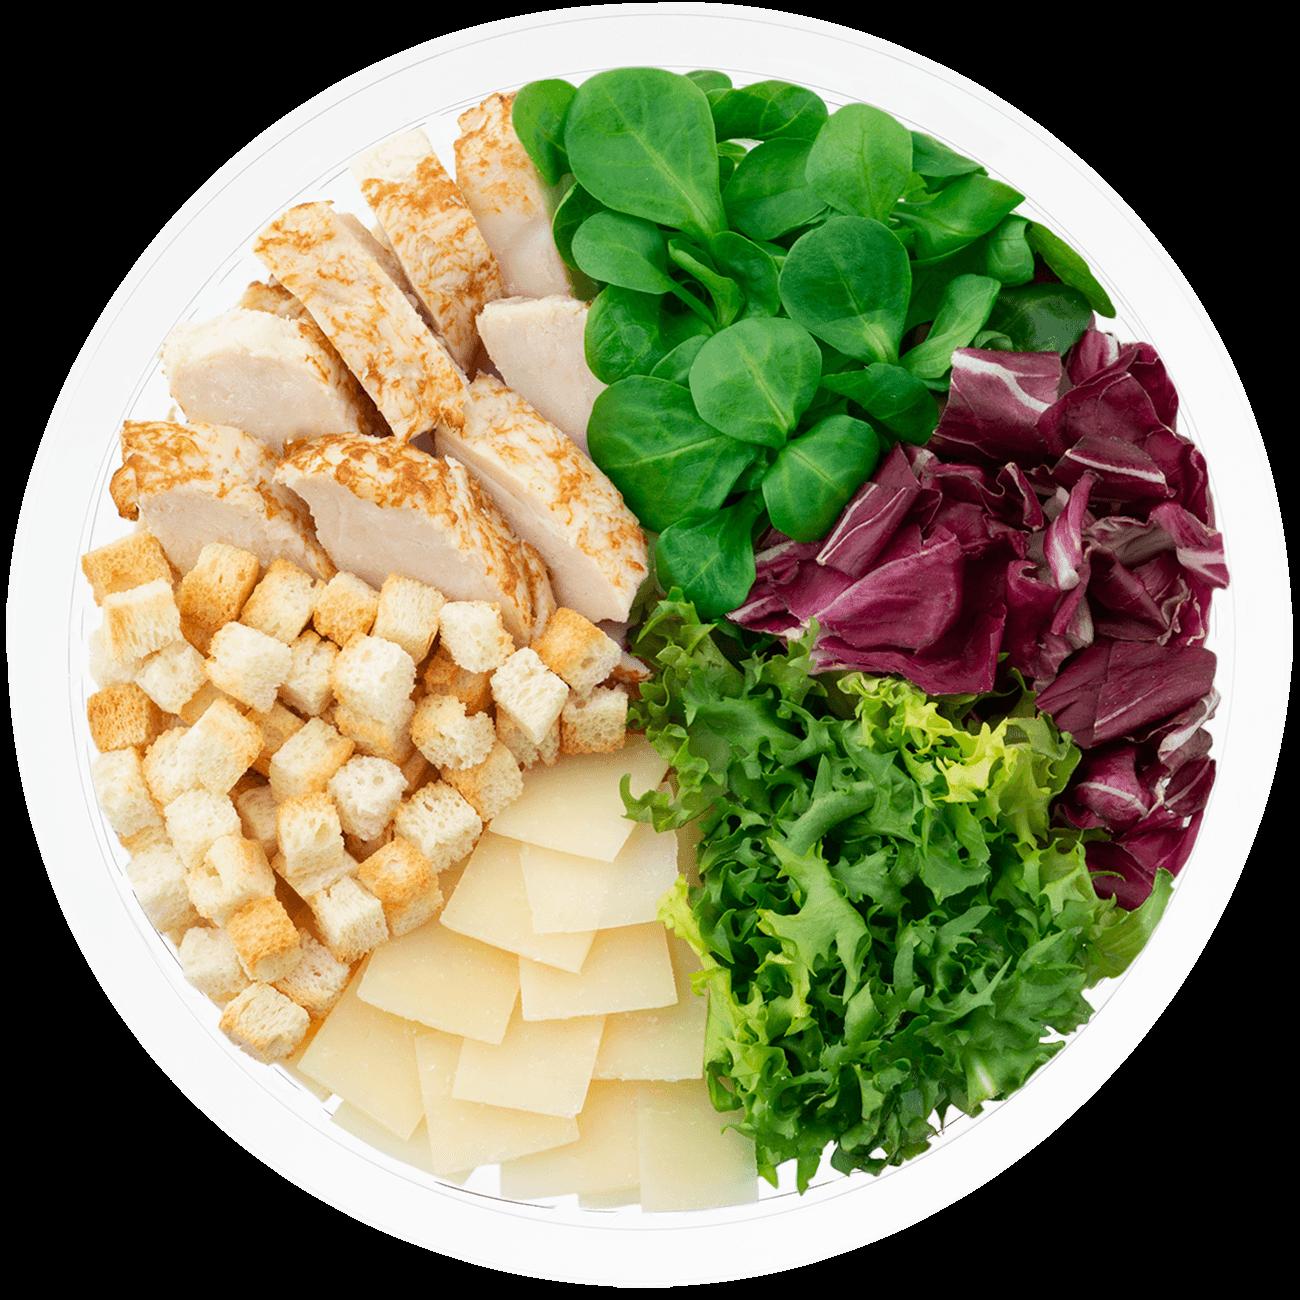 Ensalada completa cesar con salsa cesar, escarola rizada, radicchio, canonigo verde, queso parmesano, picatostes y pollo braseado